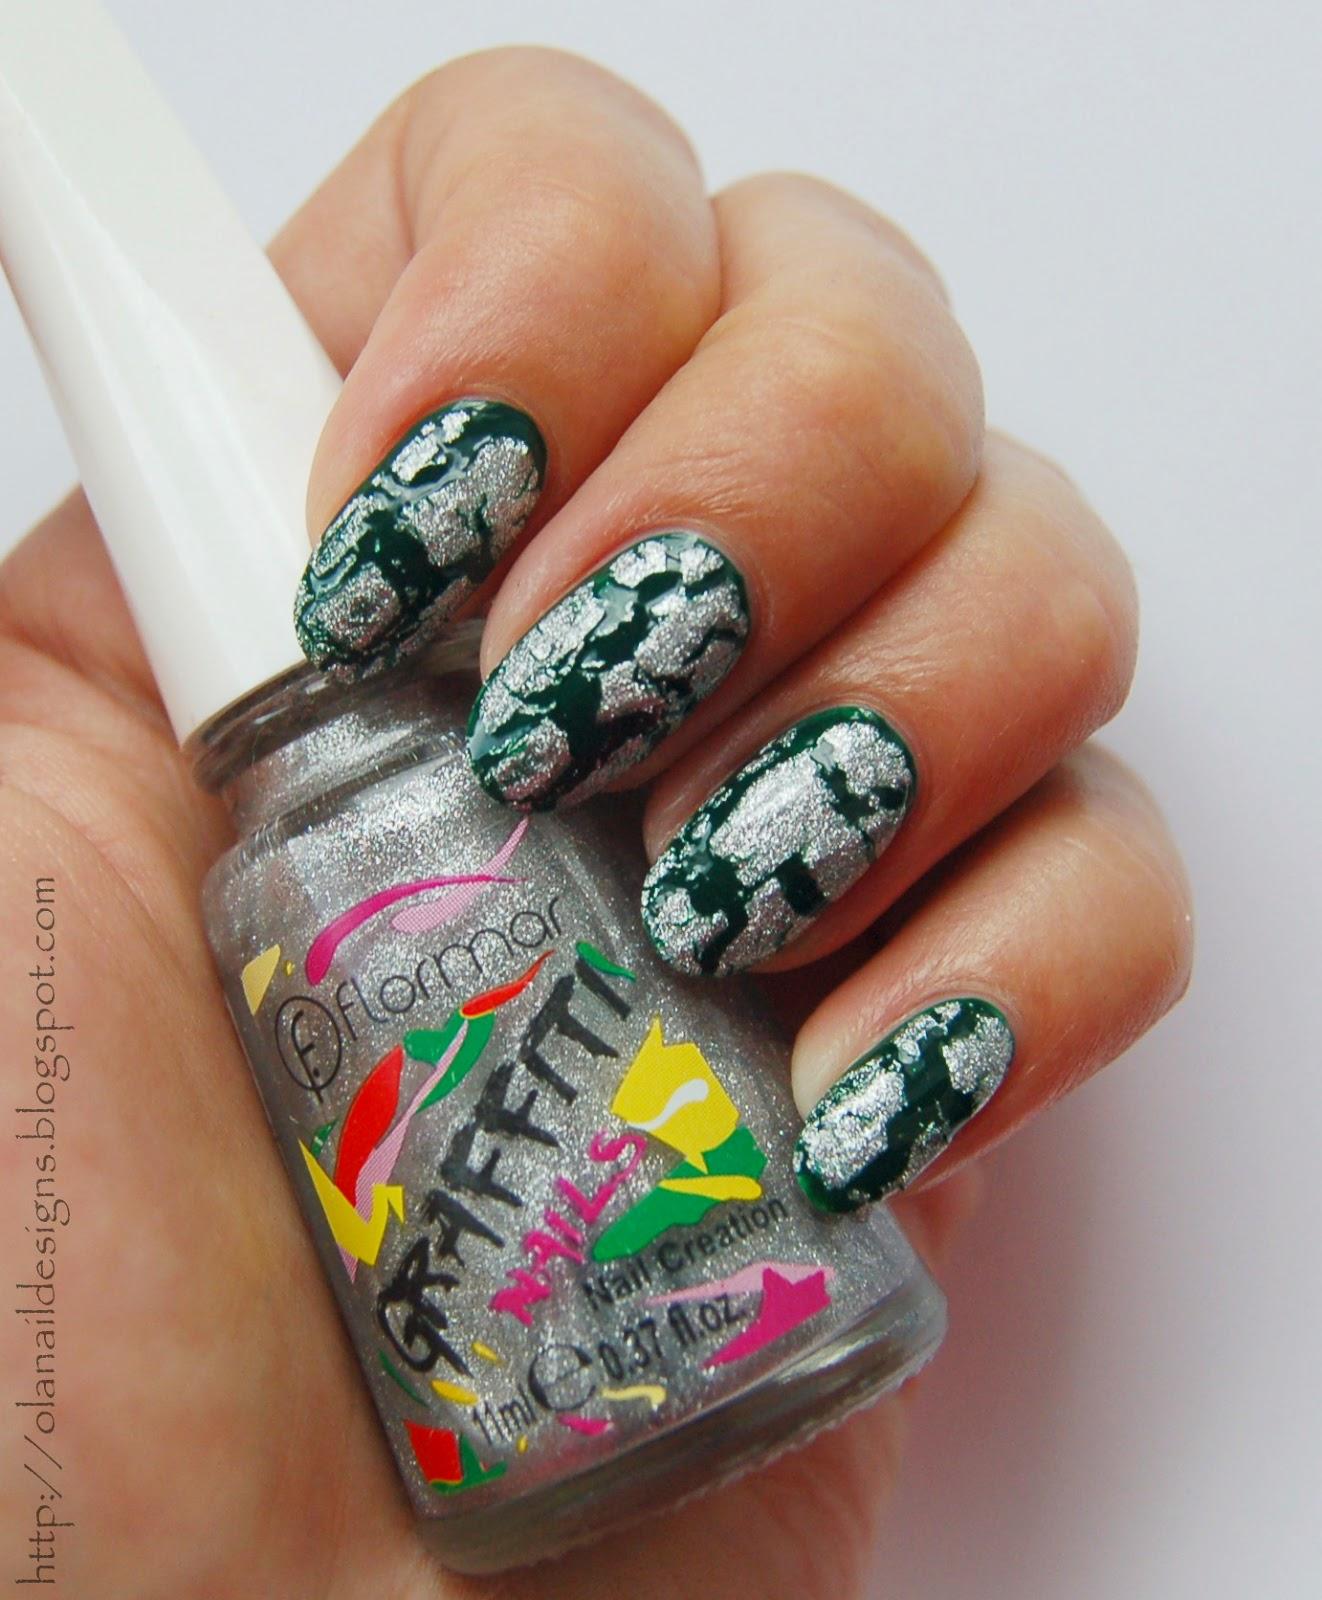 ciemna zieleń i pękający srebrny lakier do paznokci